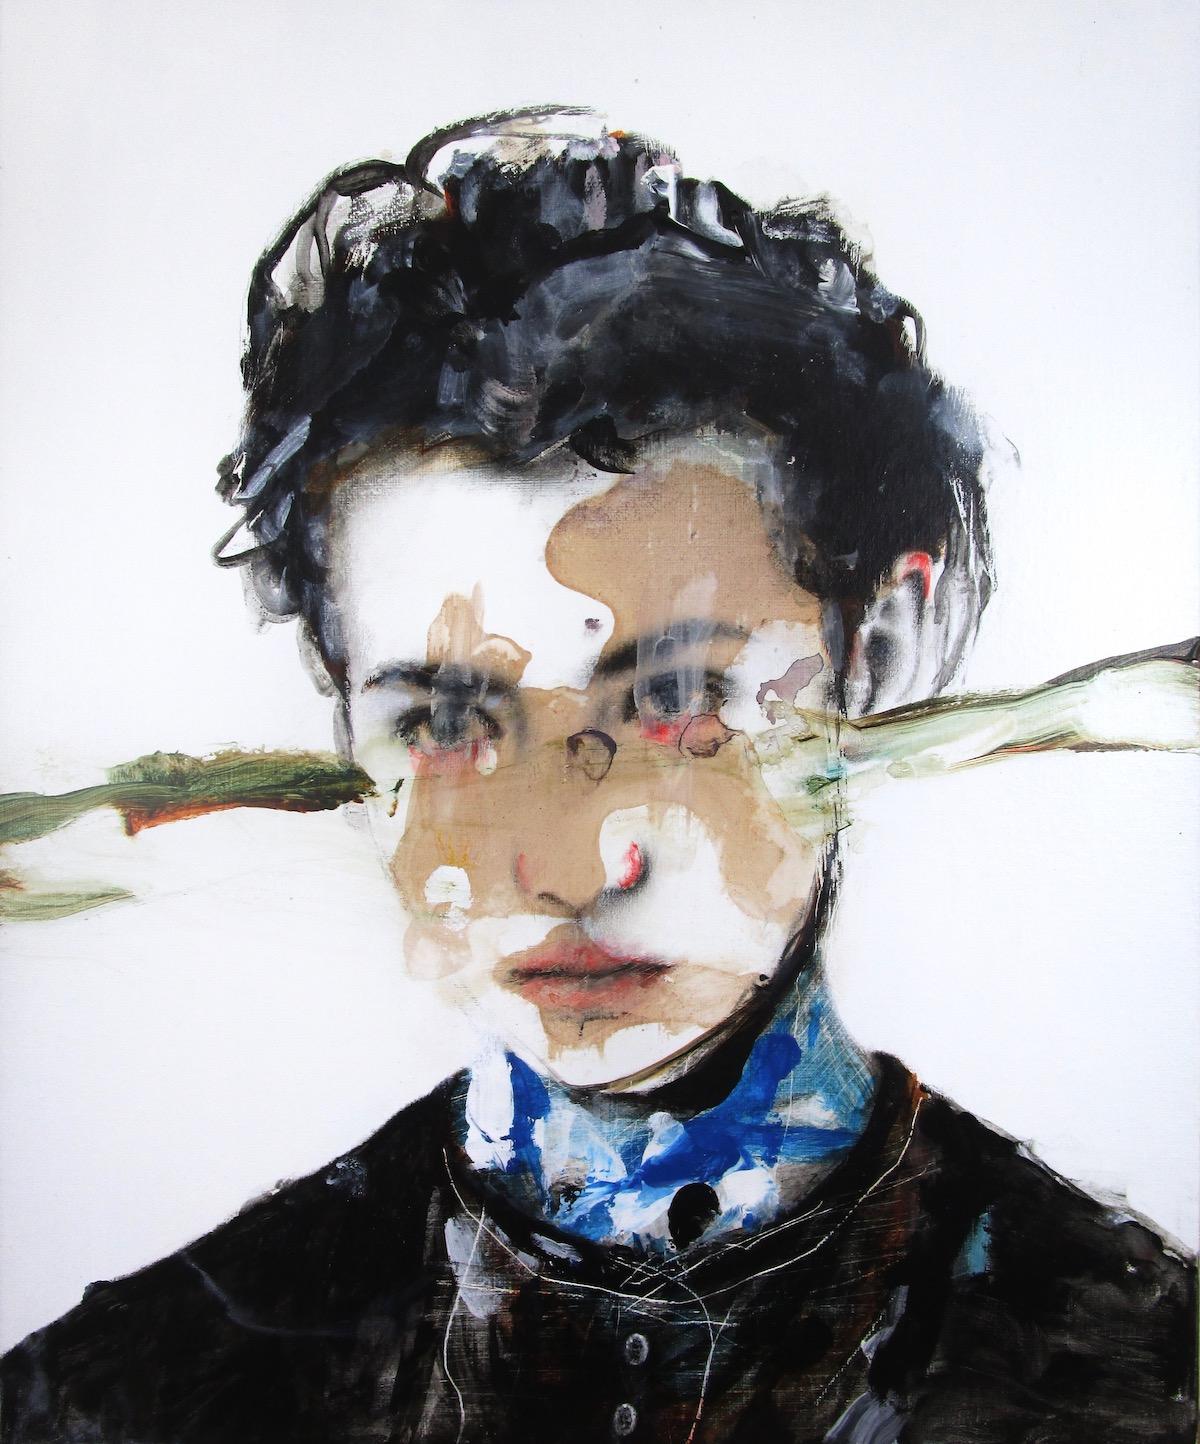 antoine cordet canvas toile peinture painting portrait art artist artiste peintre acrylic oil orchestra